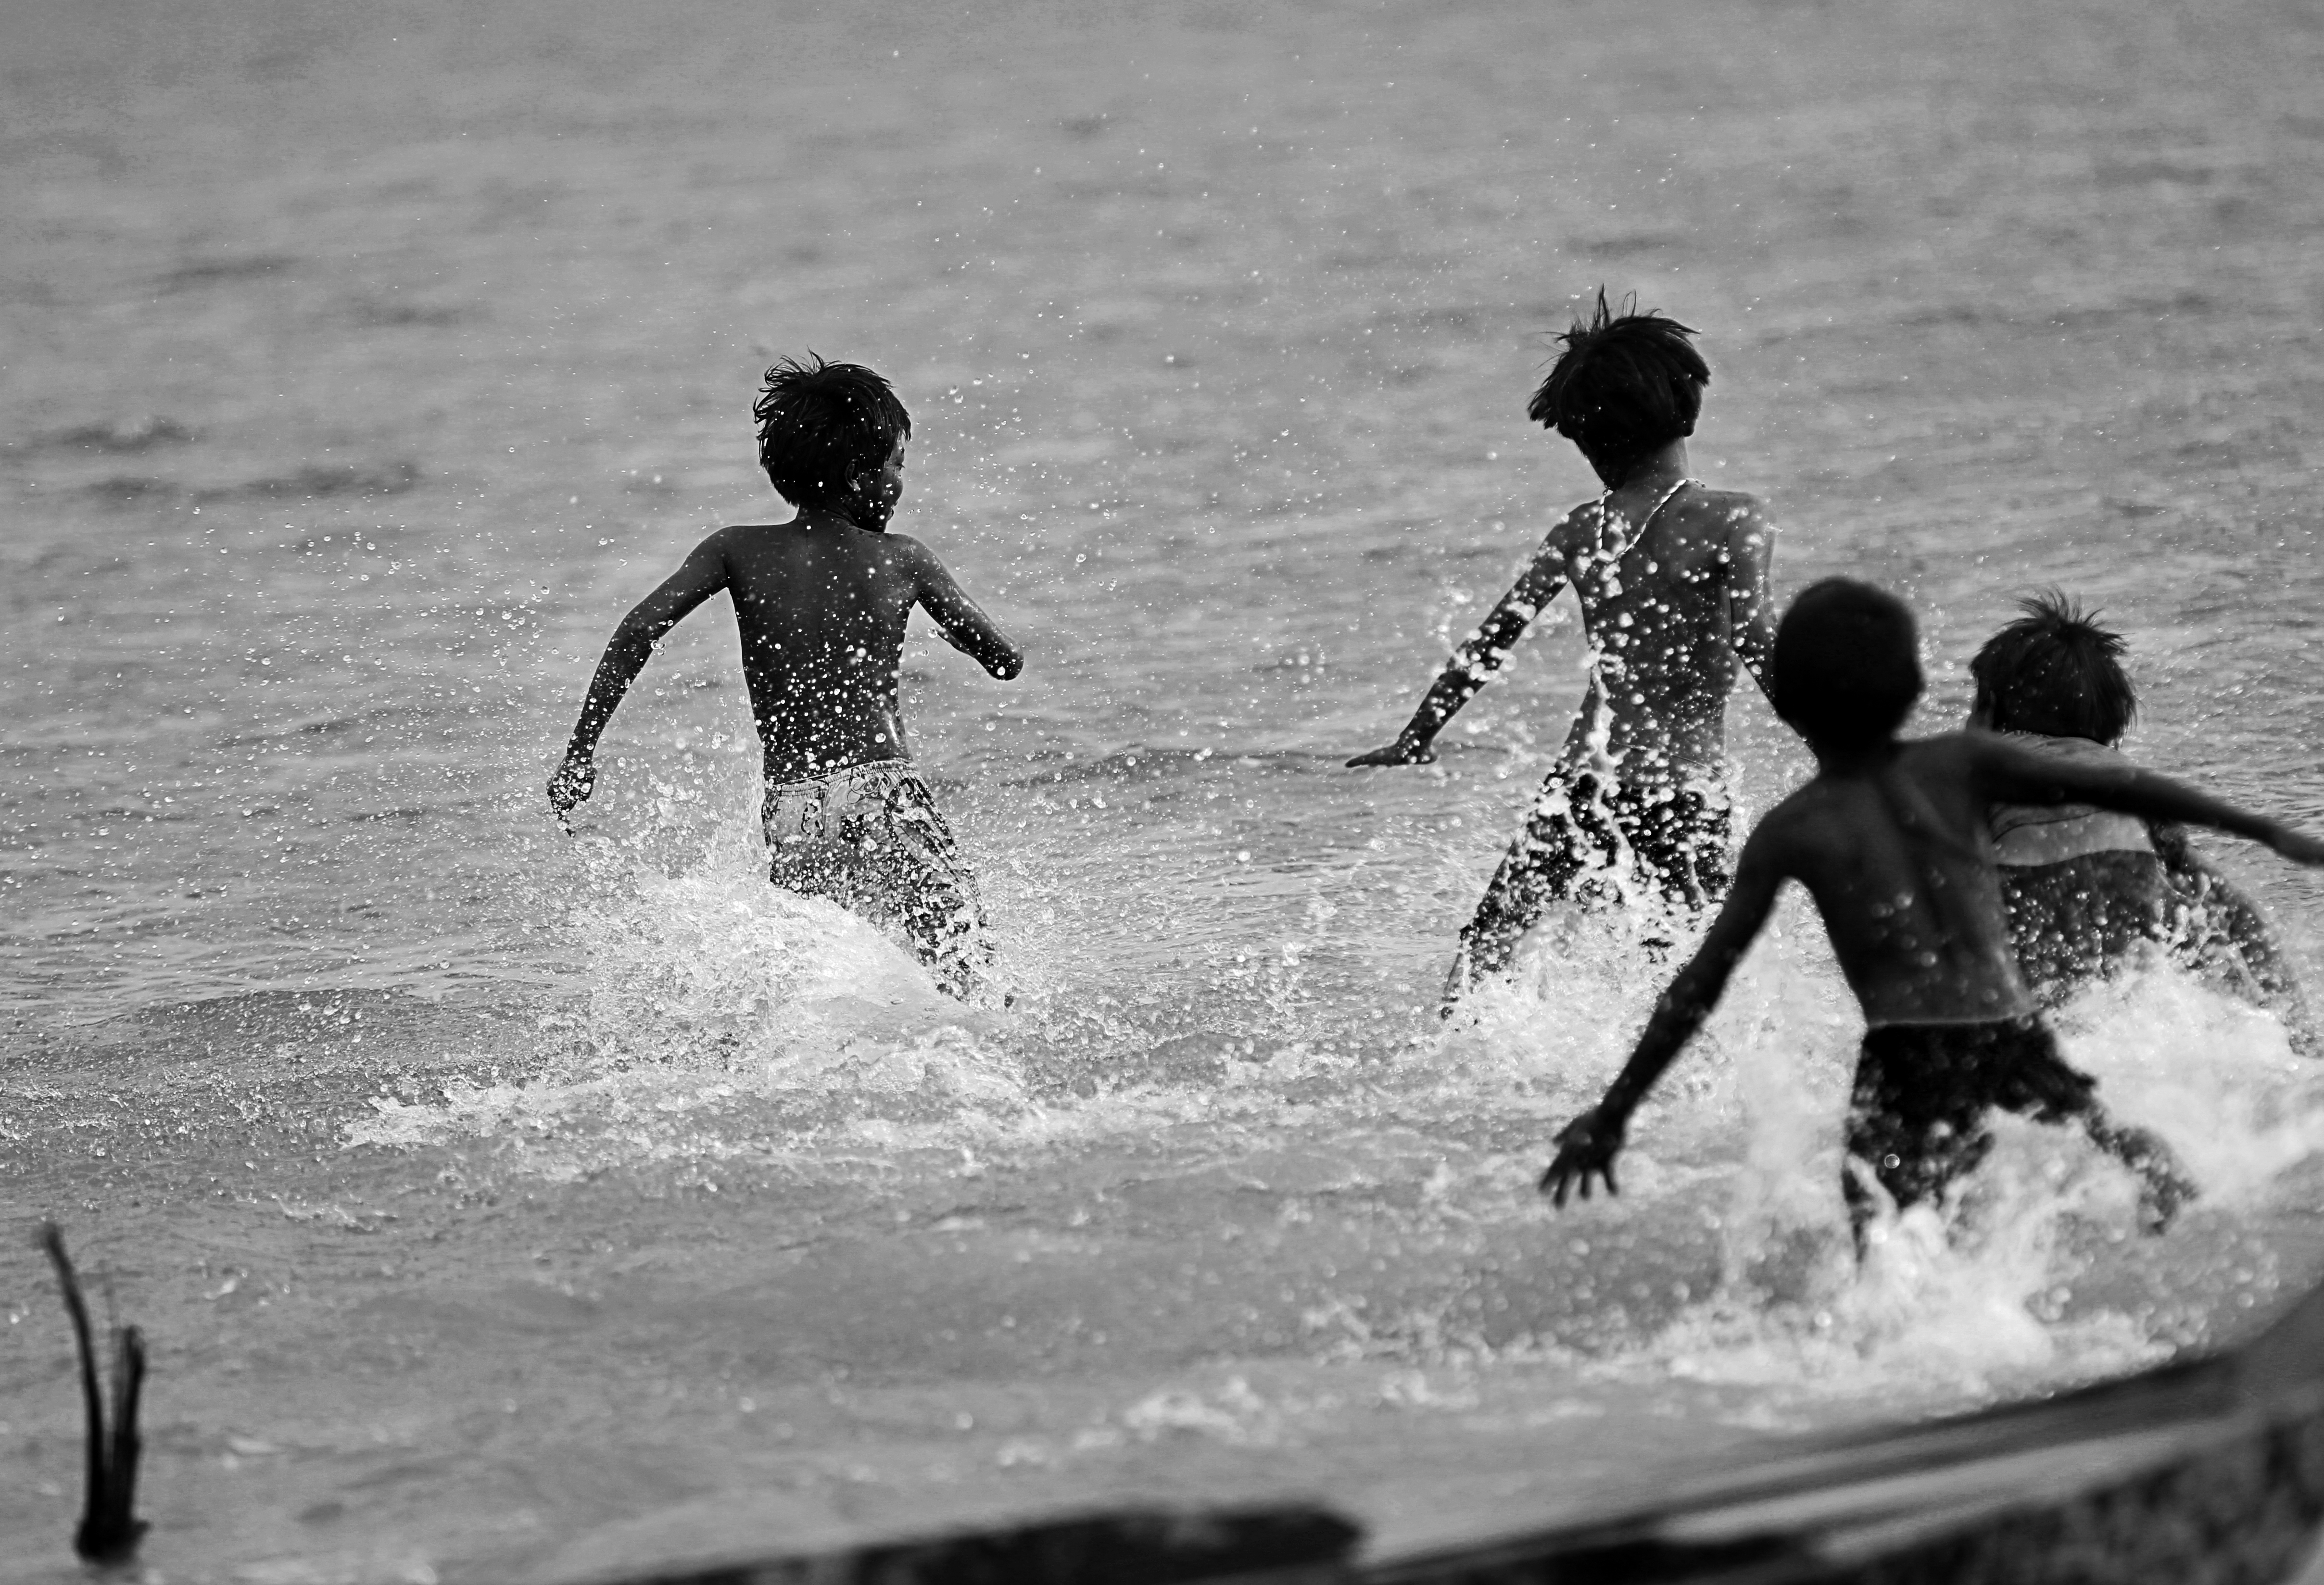 Niềm vui nhỏ nhoi của trẻ em xóm Việt Kiều là được nô đùa, bơi lội bên bờ hồ Dầu Tiếng mỗi ngày. Chúng sinh ra vốn đã lênh đênh sóng nước, tha hương cầu thực đến bây giờ cuộc sống vẫn vô định.